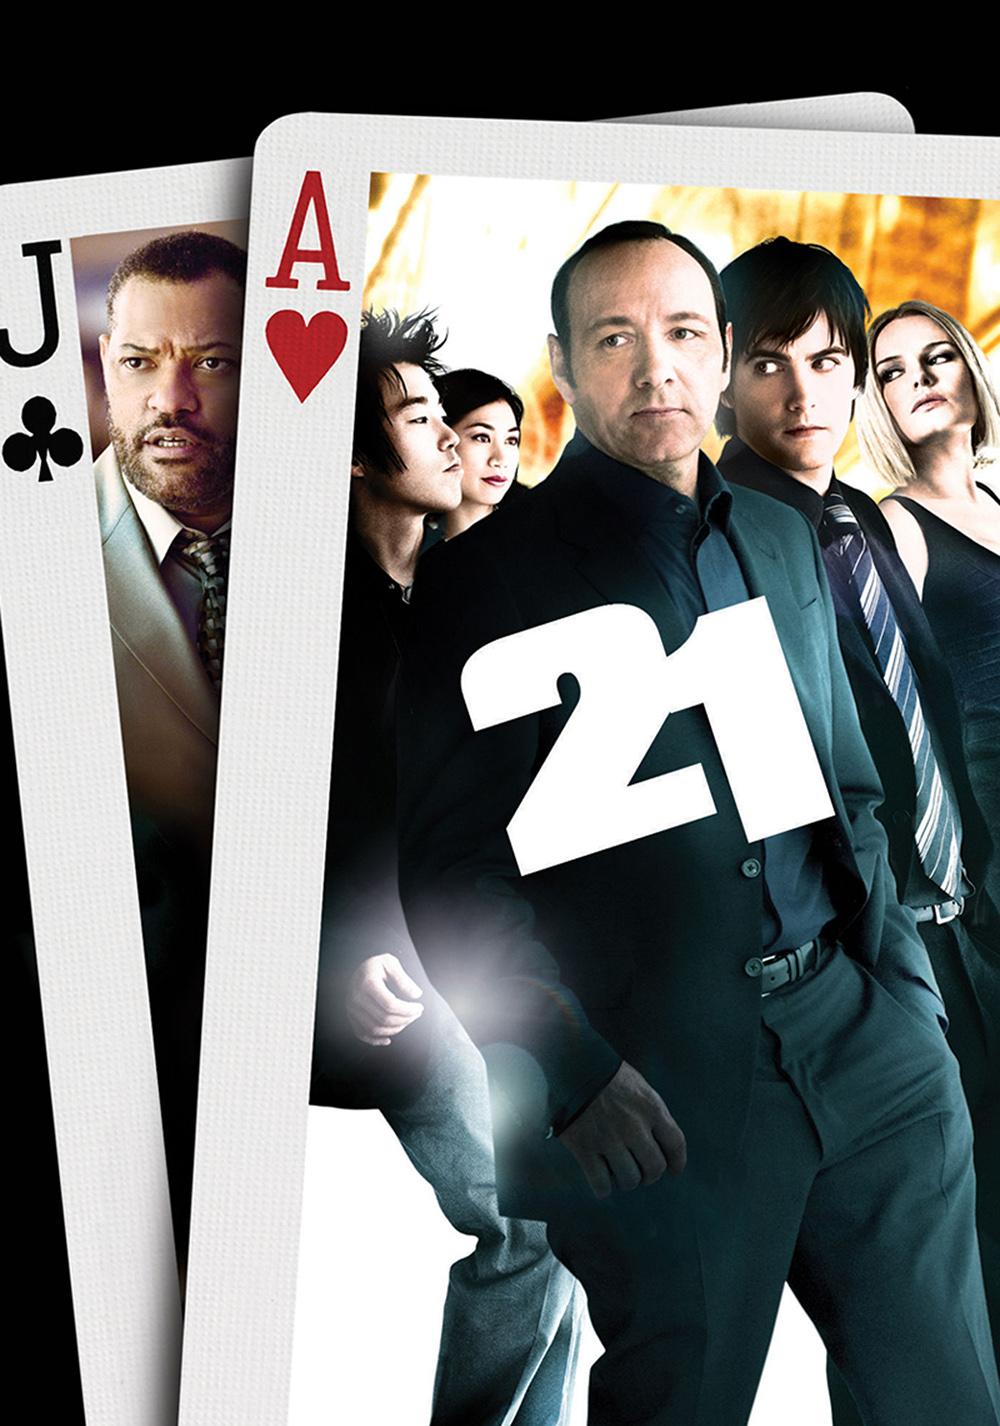 21 (Film)